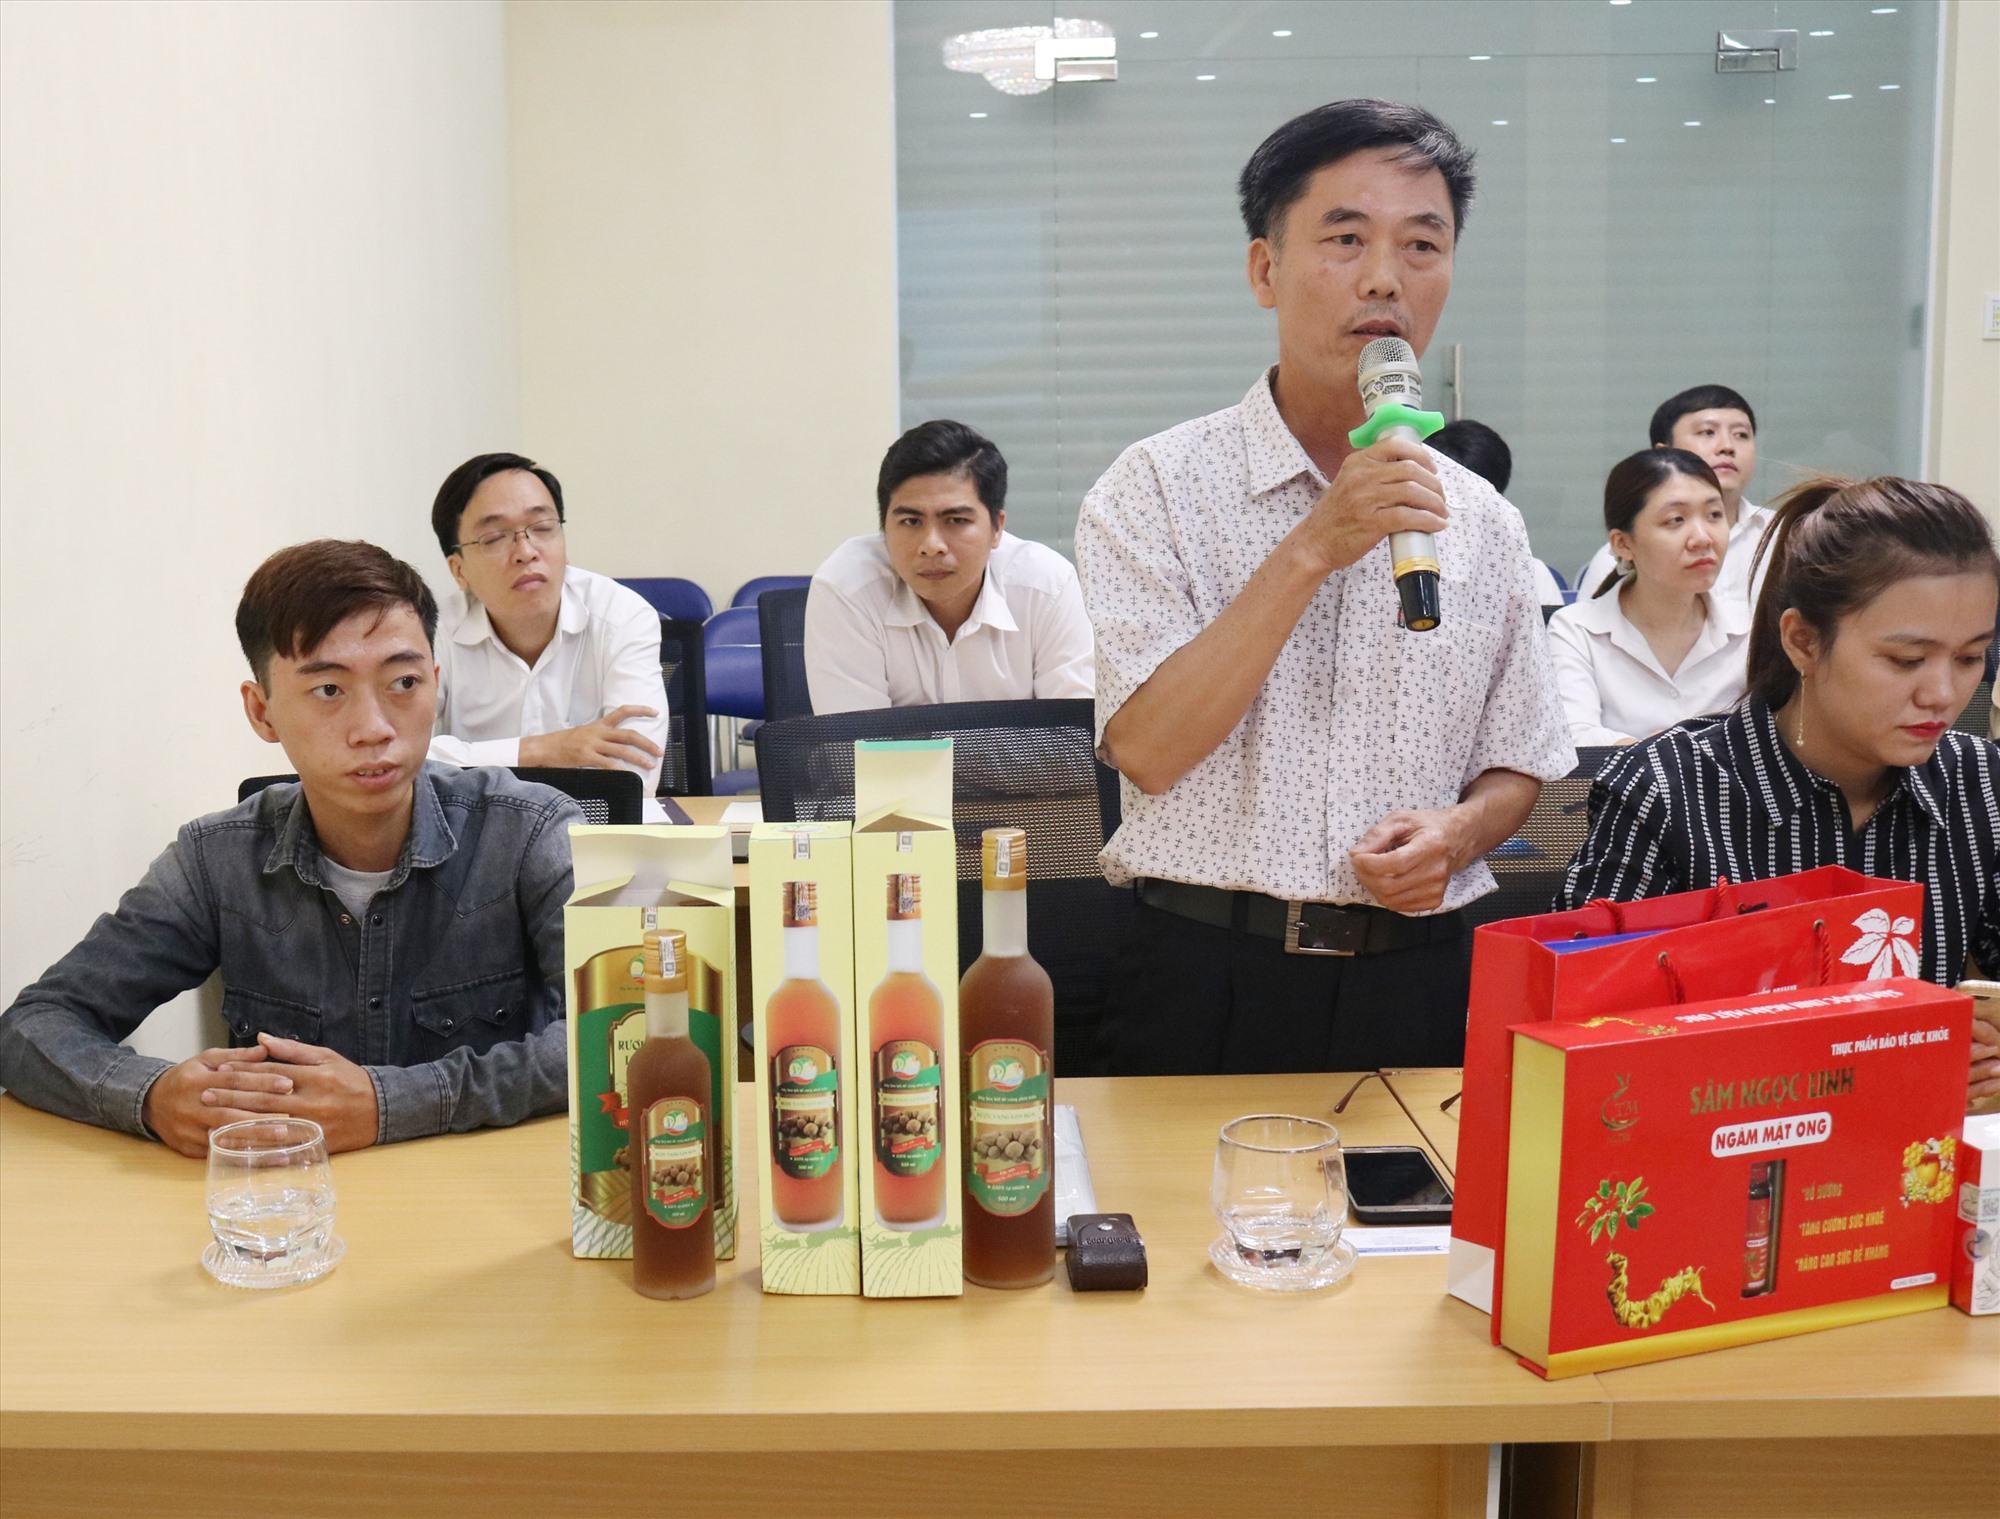 Đại diện HTX Phước Tuyên (Tiên Phước) giới thiệu sản phẩm rượu vang lòn bon tại diễn đàn xúc tiến thương mại do Sở Công Thương tổ chức. Ảnh: P.H